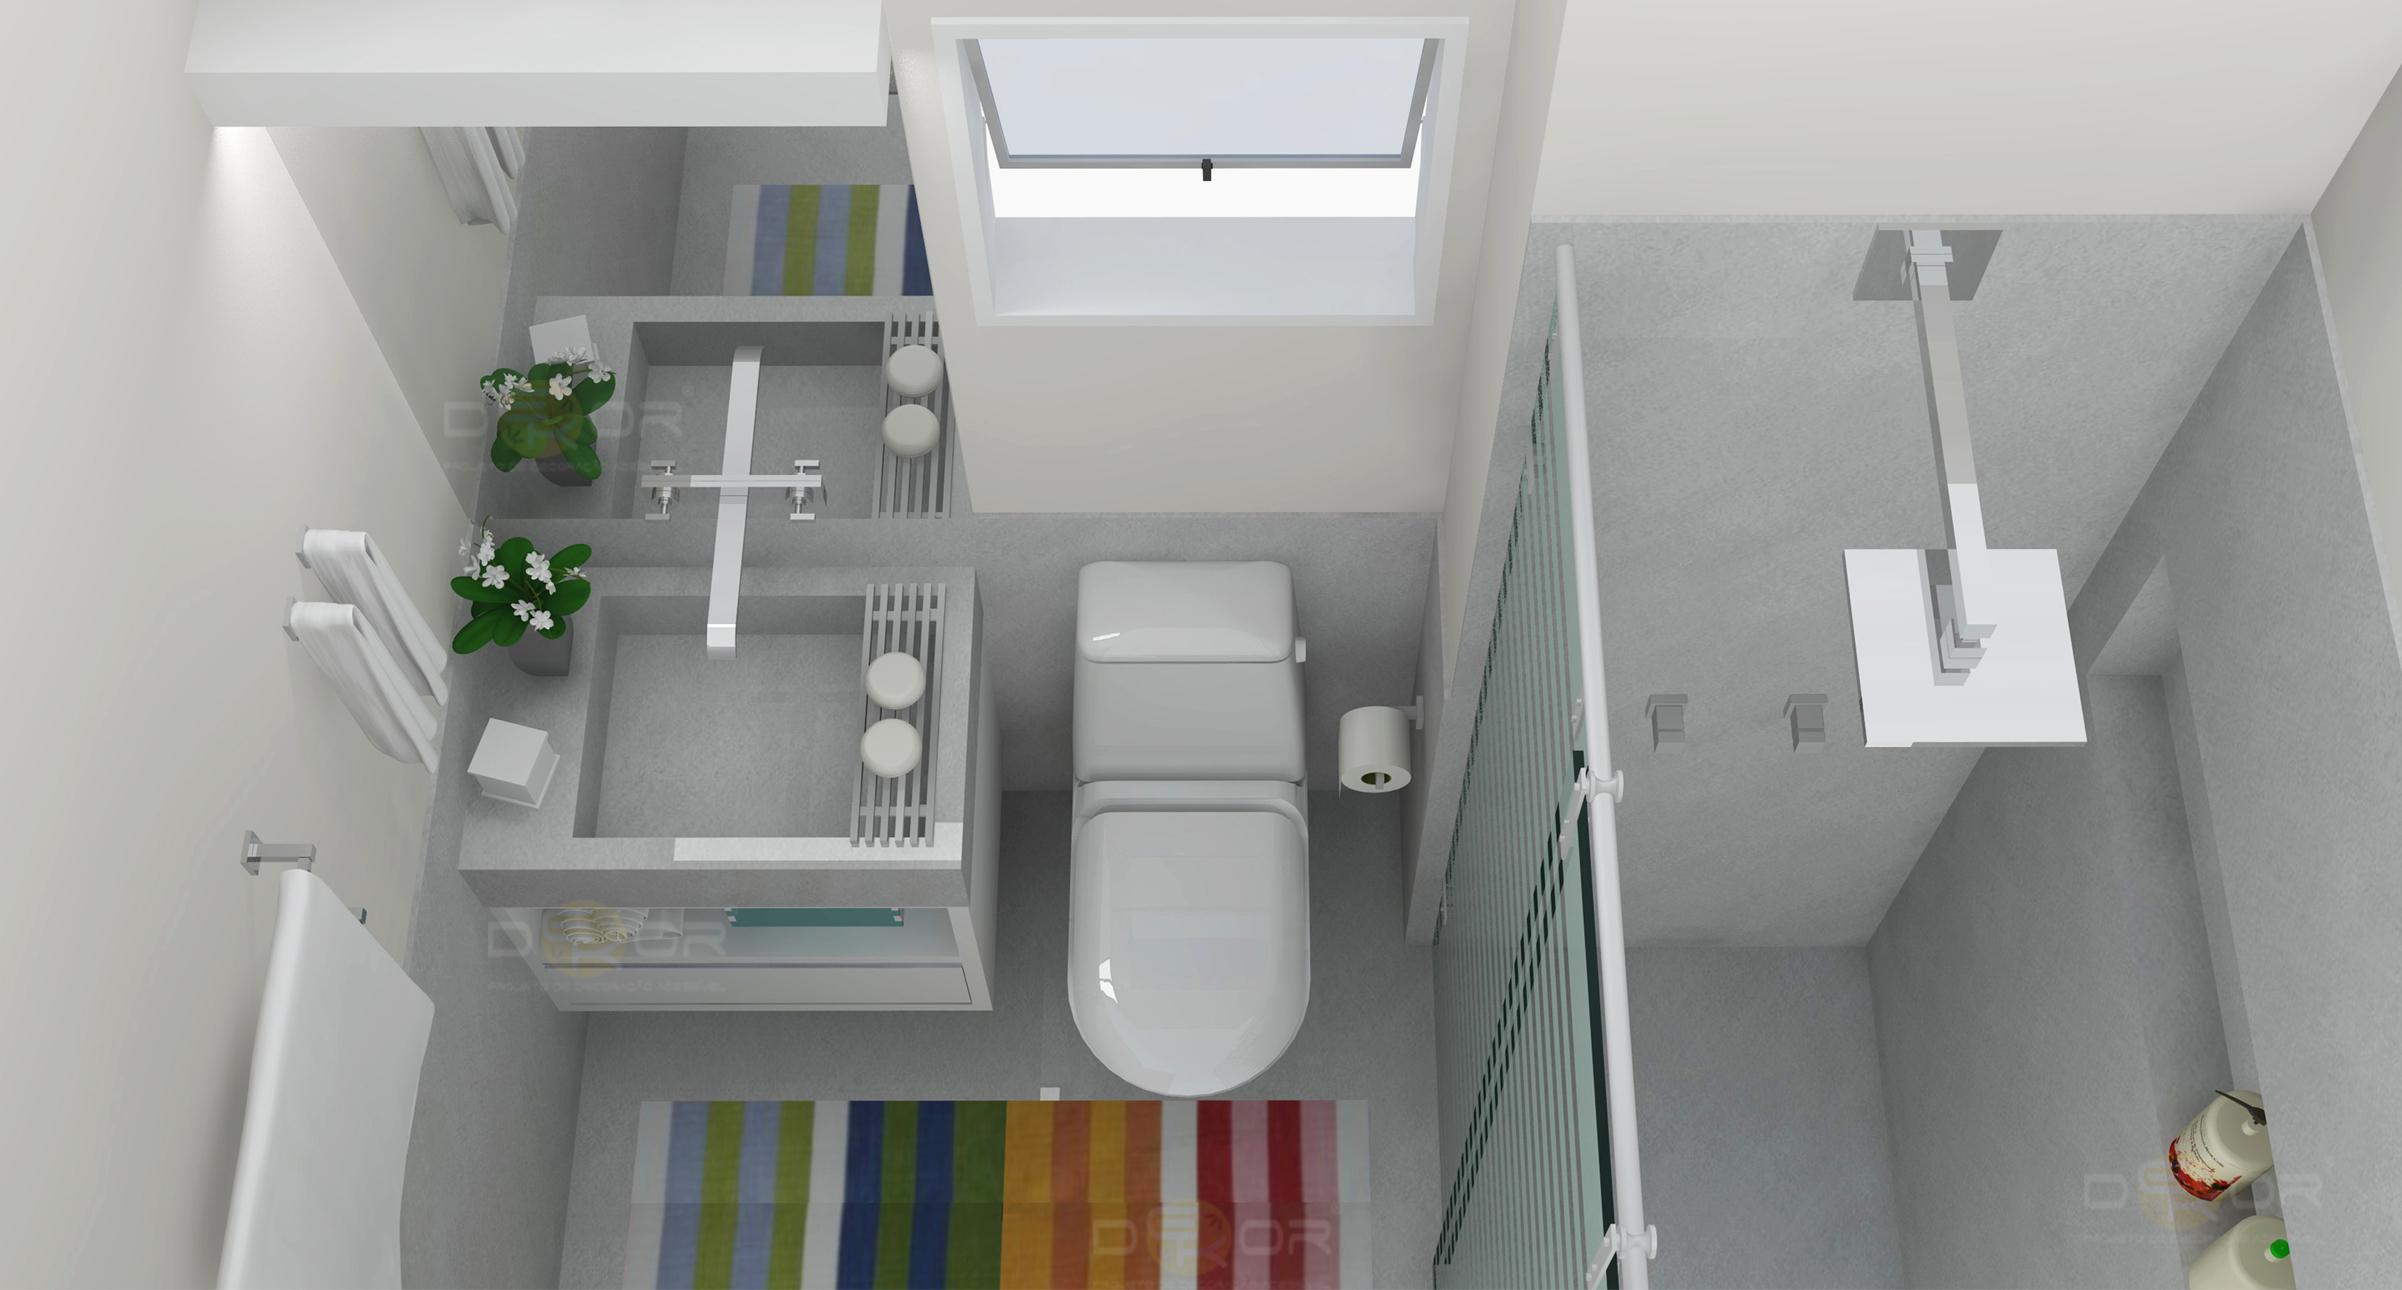 05/03/2014 2402 × 1290 Projeto de Banheiro – Decoração Online #2 #6B3828 2402 1290